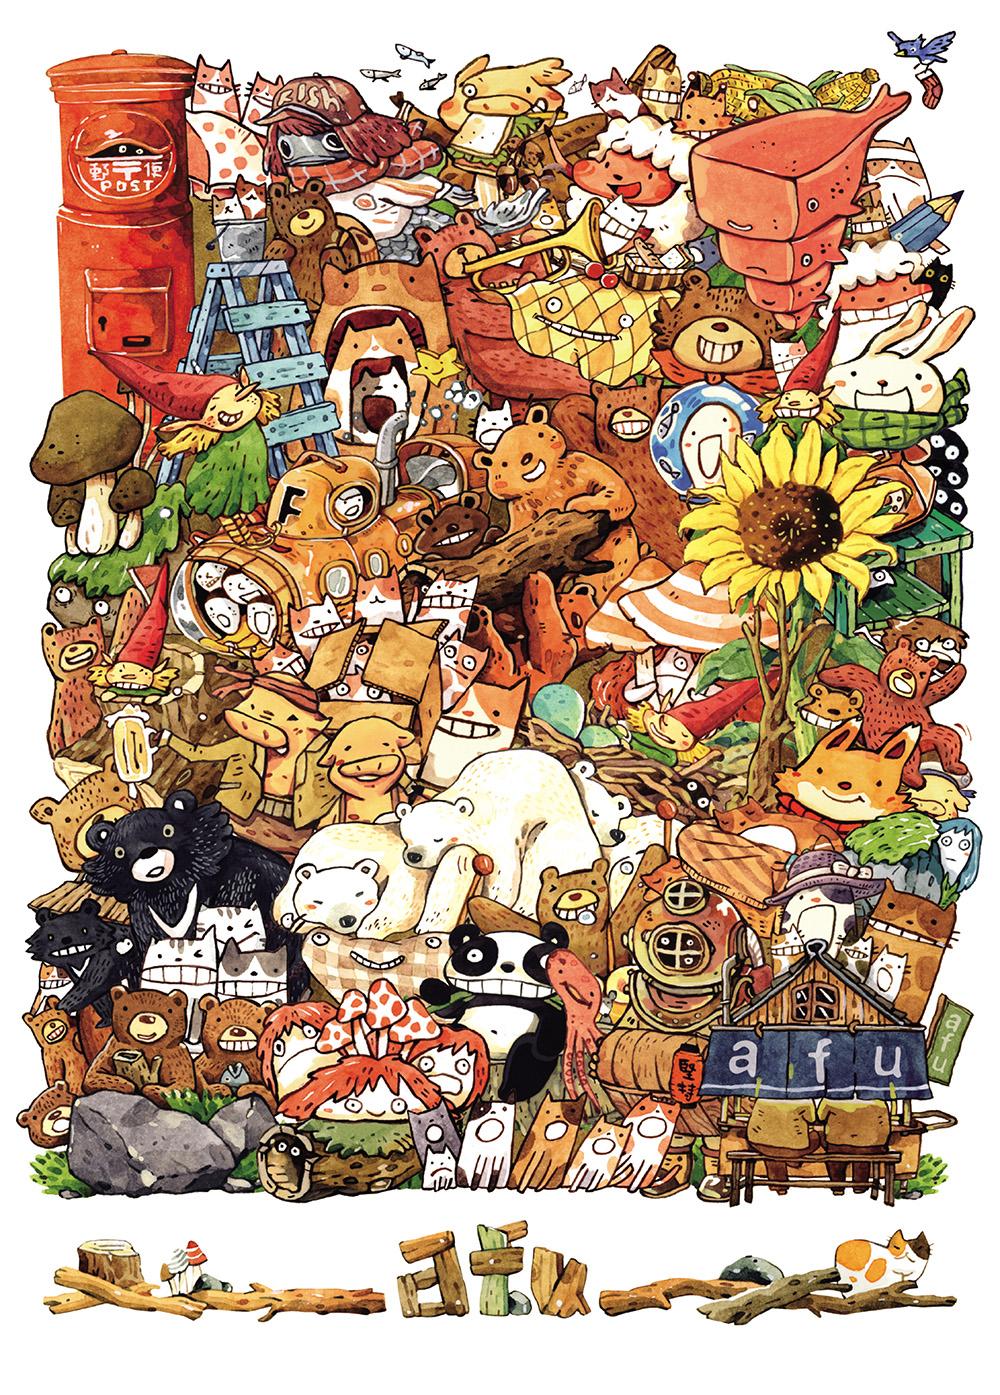 拼圖總動員PUZZLE STORY開森多多PuzzleStory afu繪畫500P